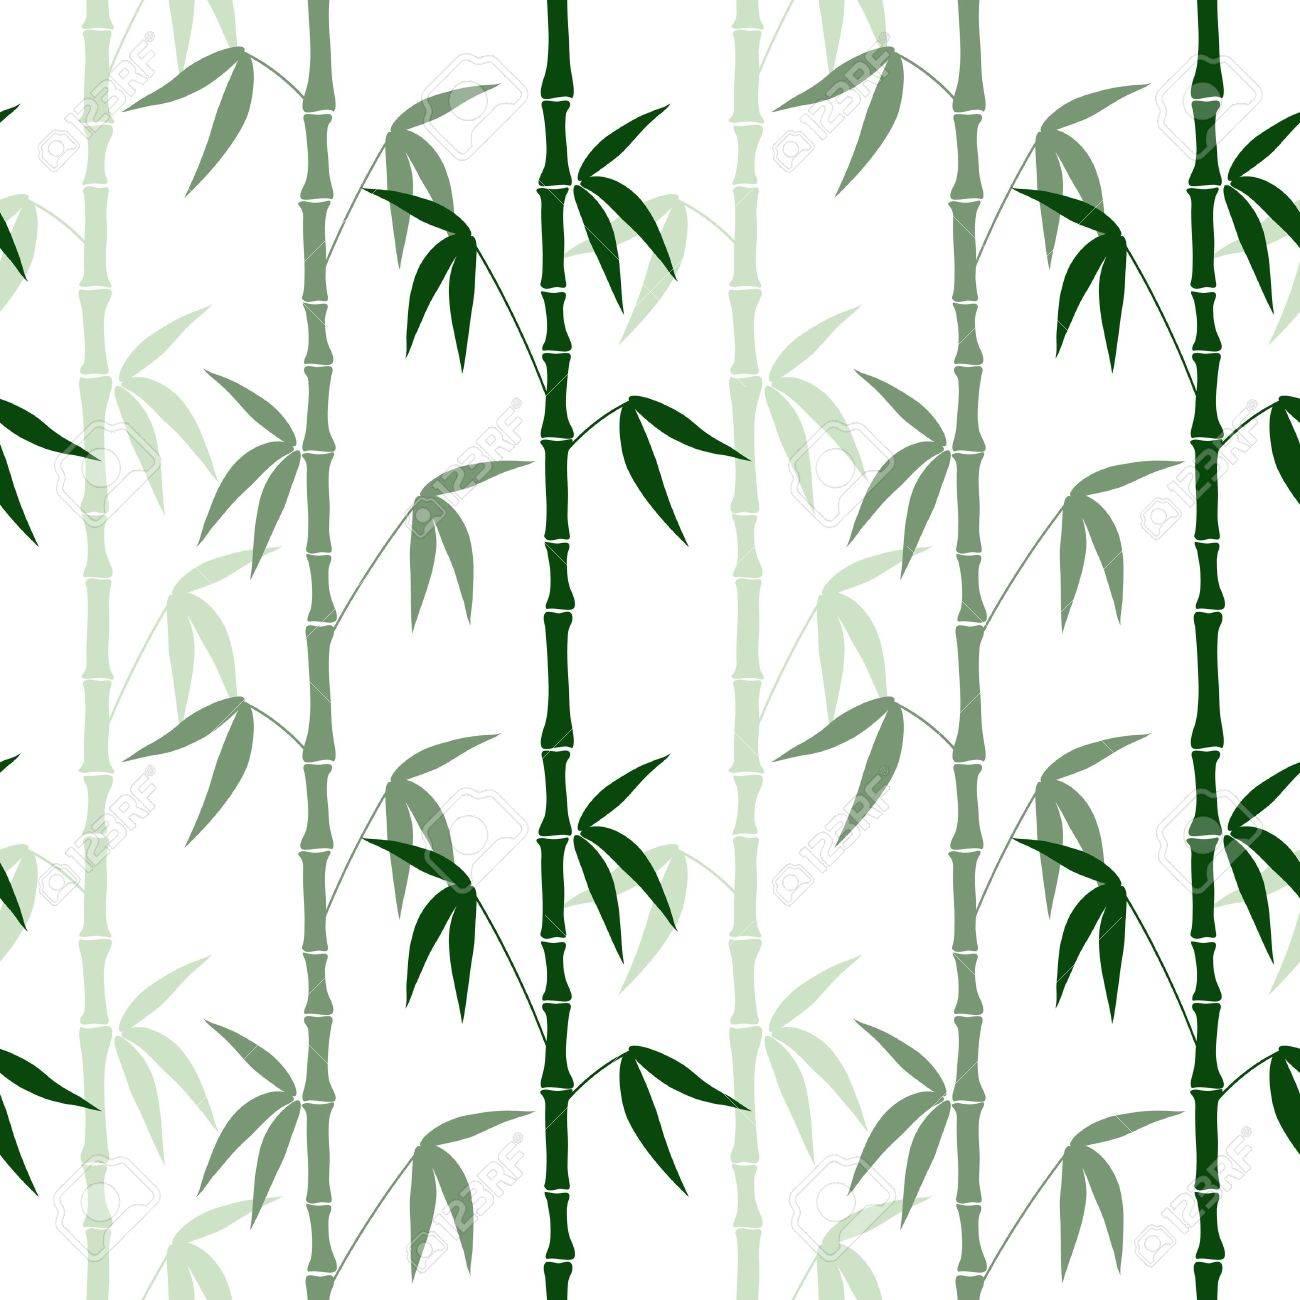 Resumen Patrón Sin Costuras De Bambú En El Vector De Fondo Blanco ...